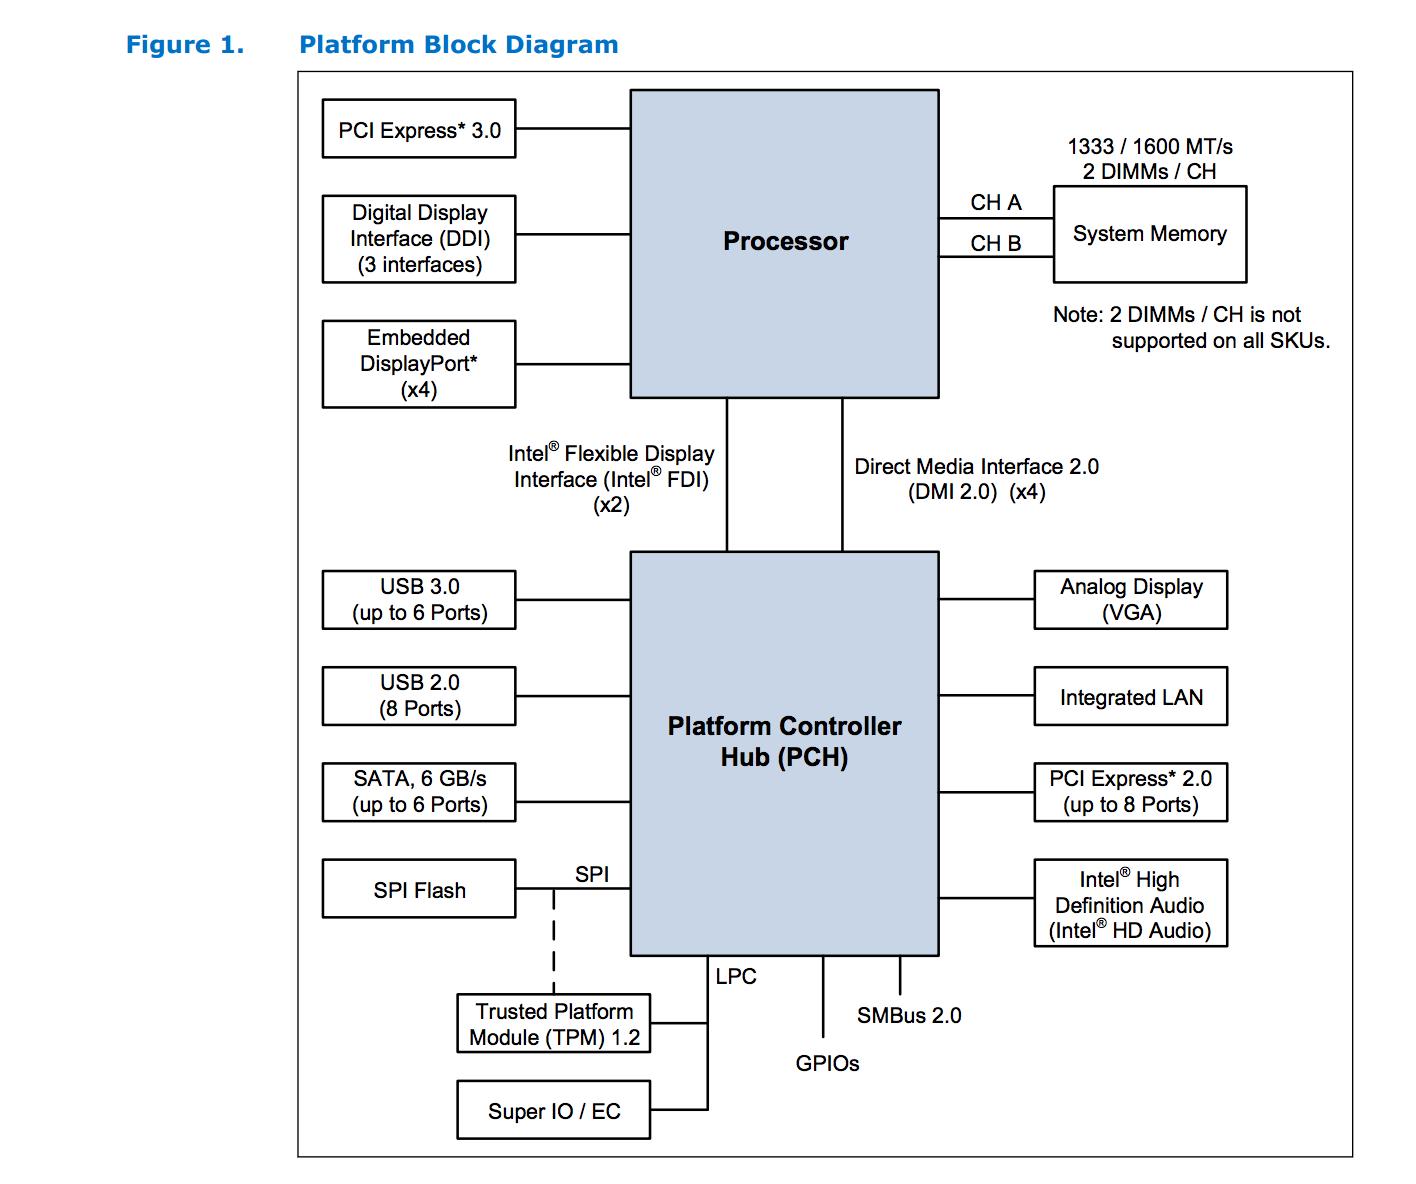 intel 4th gen platform block diagram block diagram software [ 1416 x 1184 Pixel ]